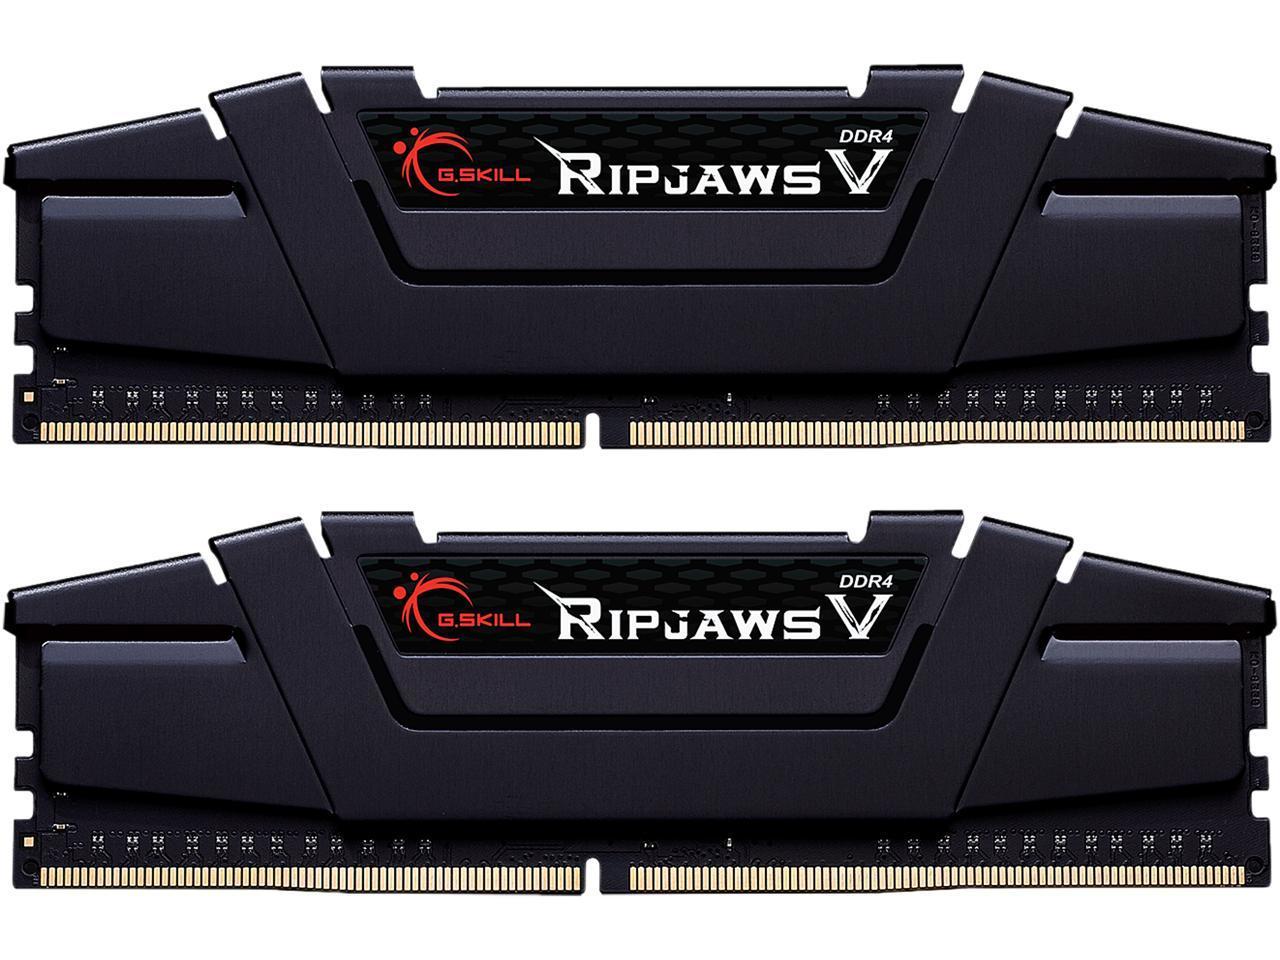 32GB G.Skill Ripjaws V DDR4 3600 Desktop RAM kit @Newegg $156